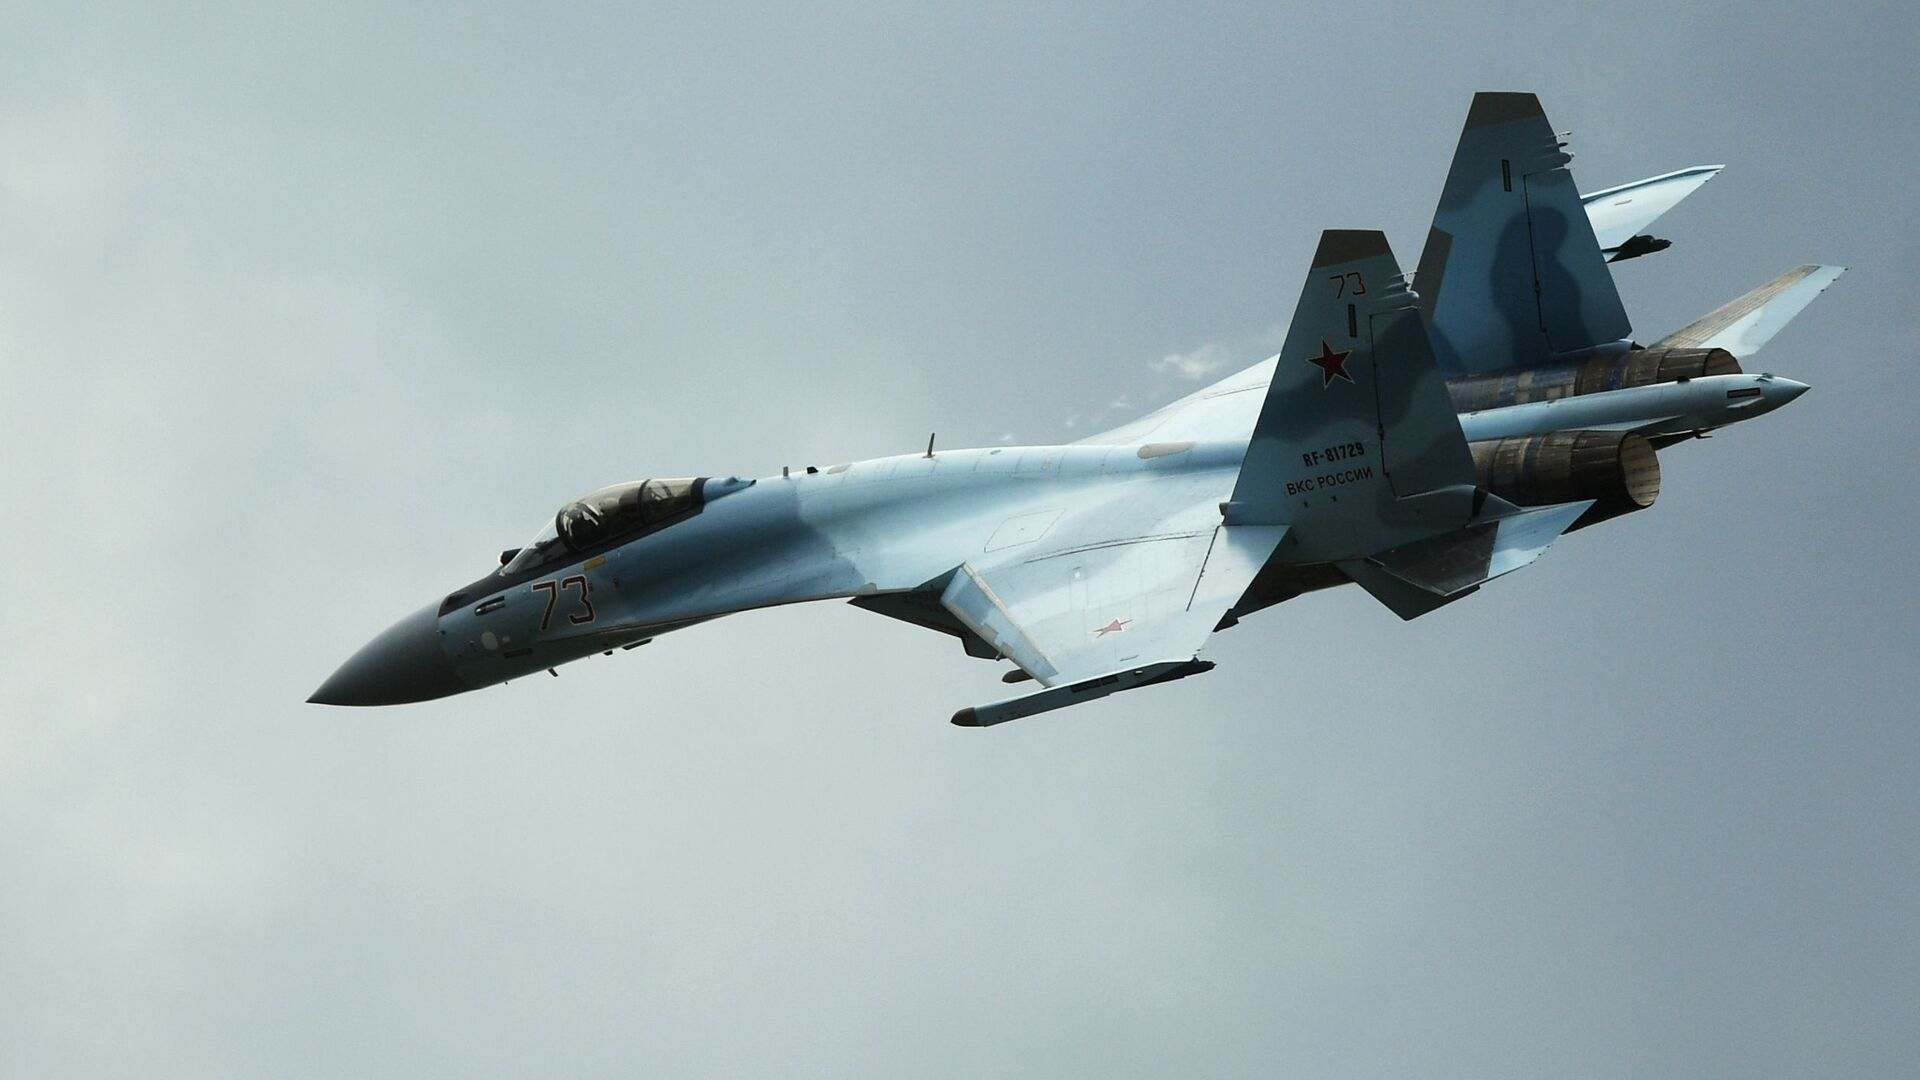 Máy bay Su-35S tại diễn đàn kỹ thuật quân sự quốc tế Army-2019. - Sputnik Việt Nam, 1920, 10.08.2021